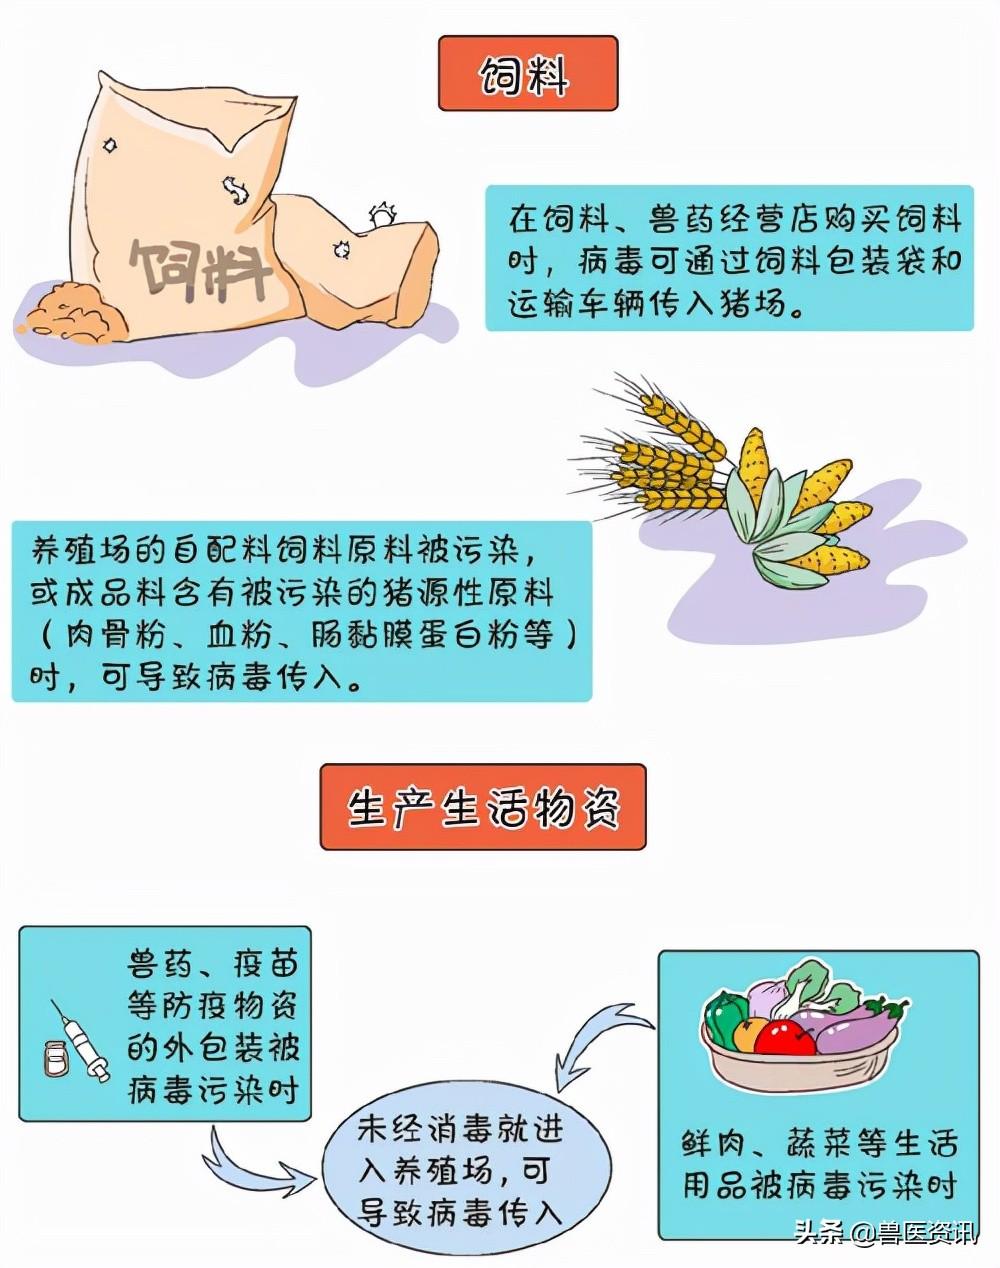 中小养猪场户非洲猪瘟防控八大关键点(图)